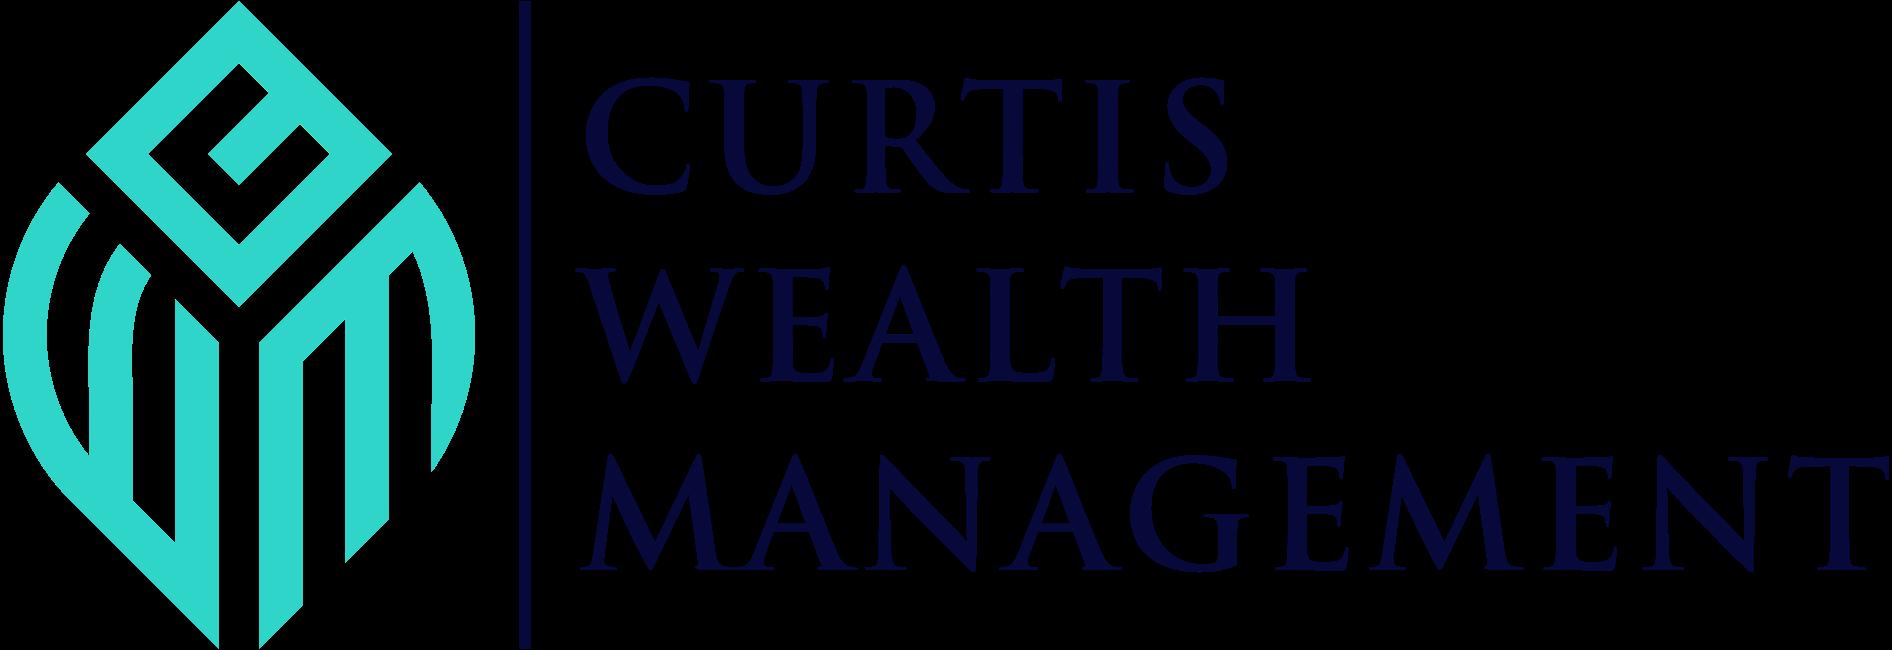 Logo for Curtis Wealth Management